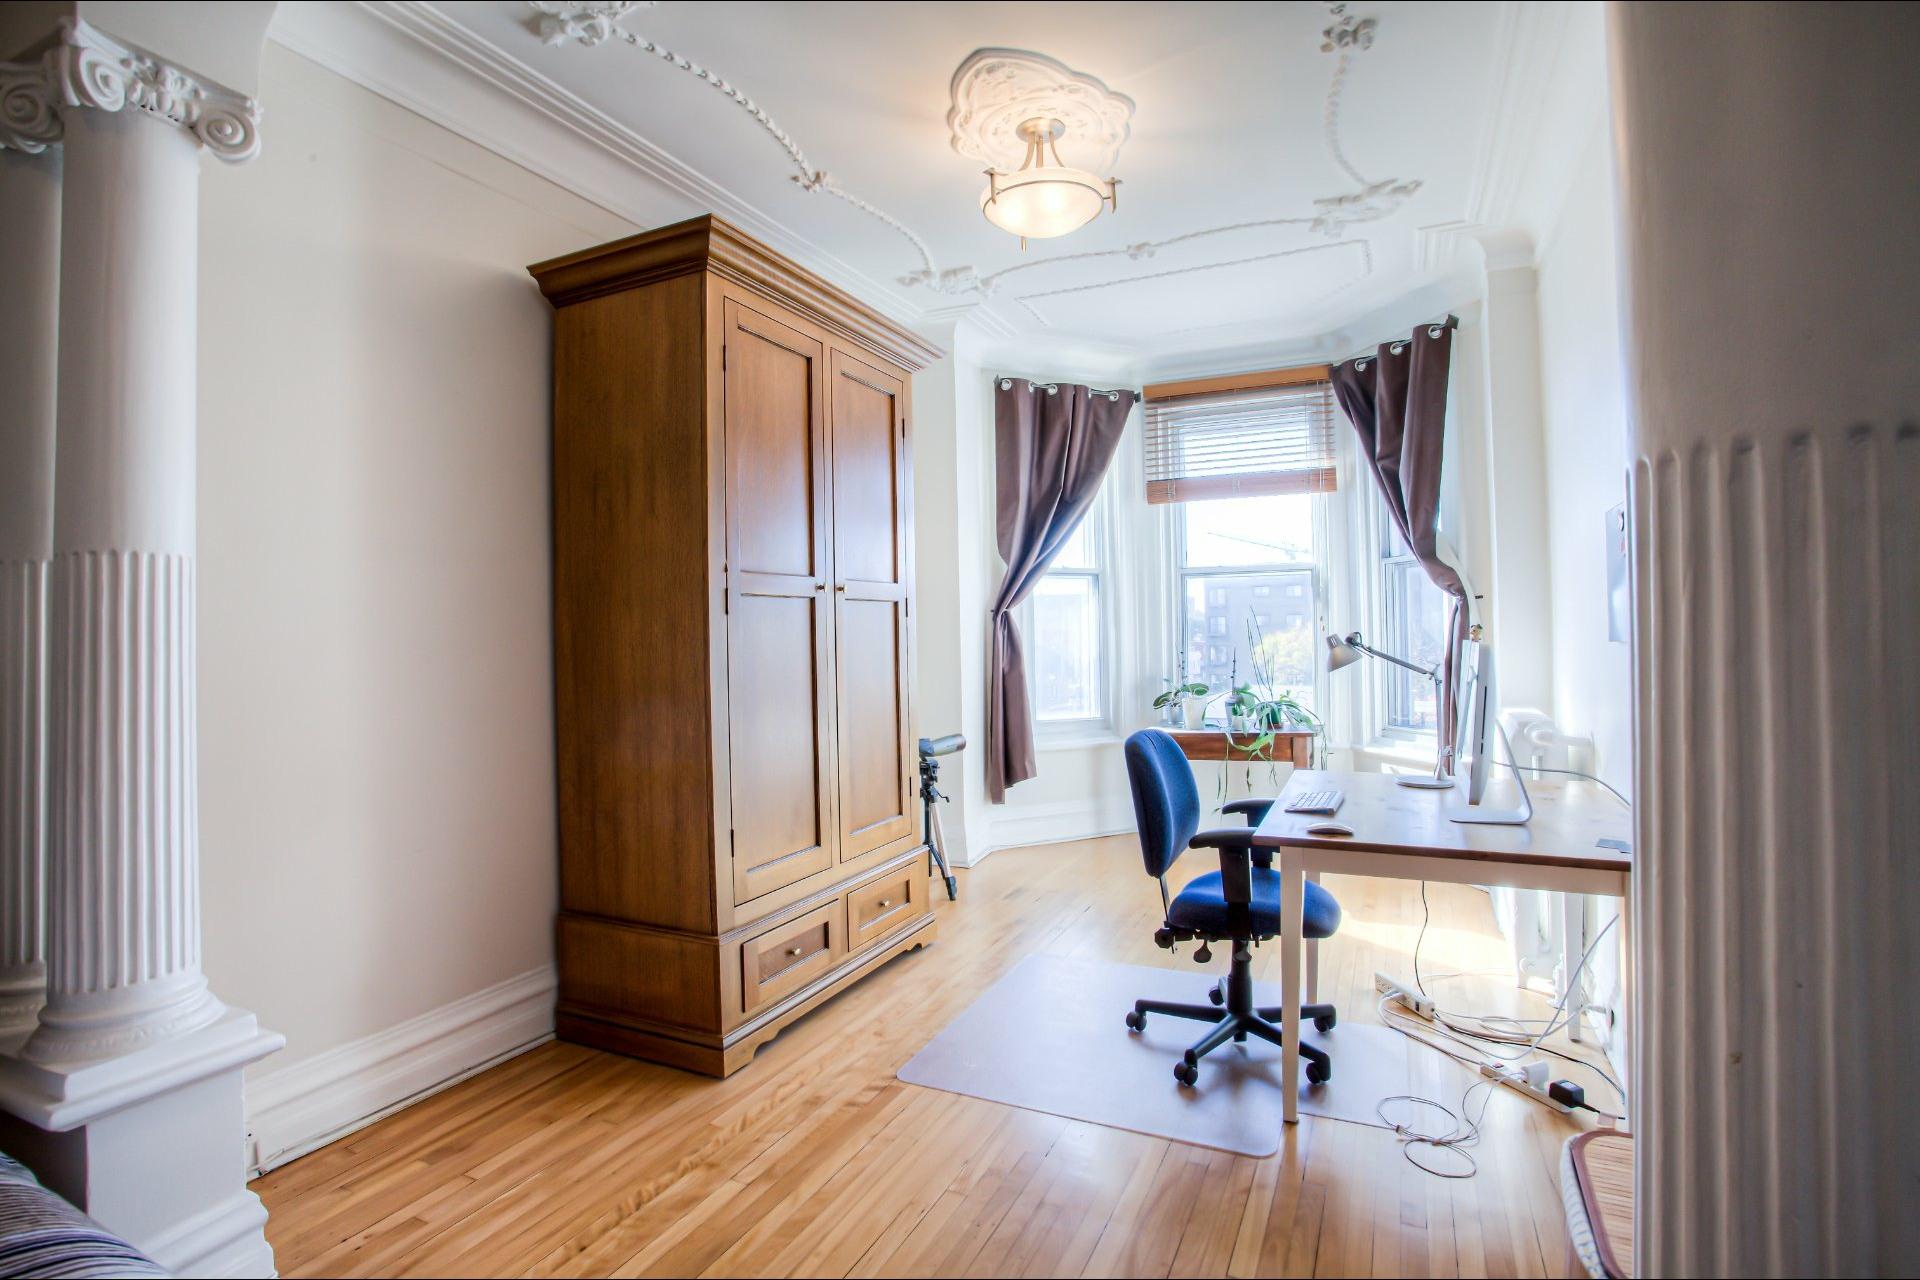 image 5 - Appartement À vendre Rosemont/La Petite-Patrie Montréal  - 8 pièces